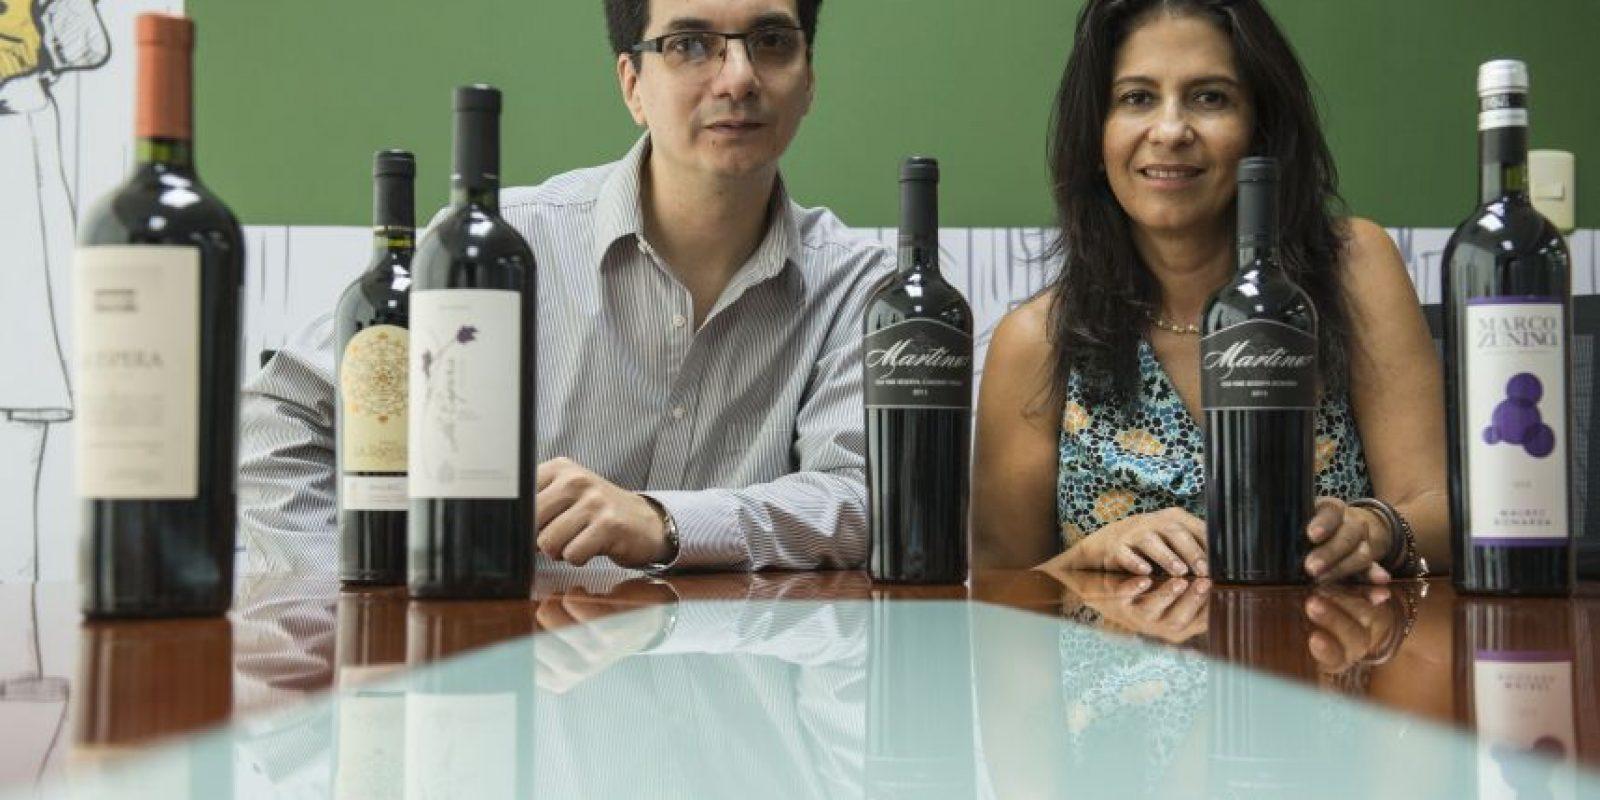 Walter González y Zully Orellana son de la importadora La Bohemia y buscan transmitir sus experiencias con el vino alrededor del mundo a los guatemaltecos Foto:Oliver De Ros